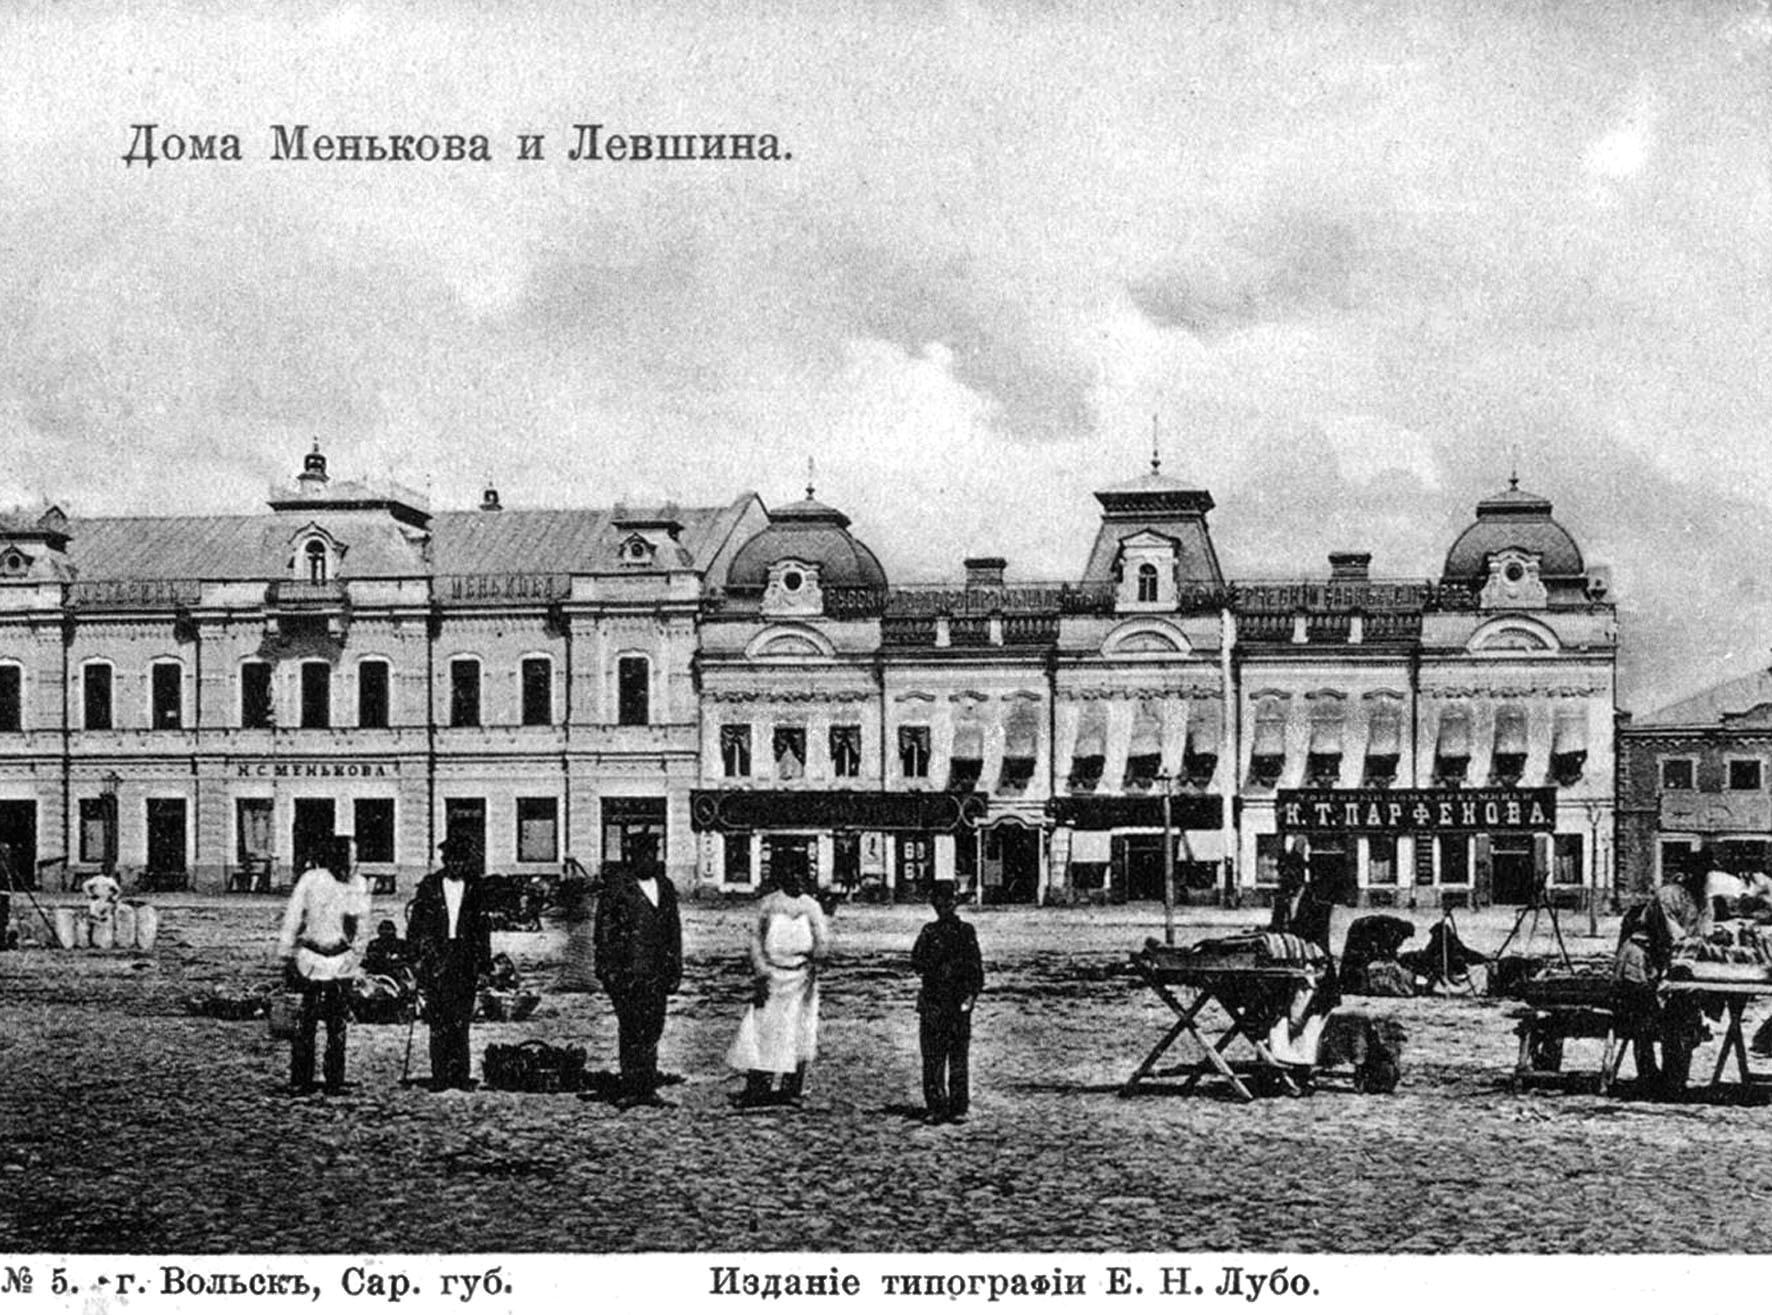 Дома Менькова и Левшина